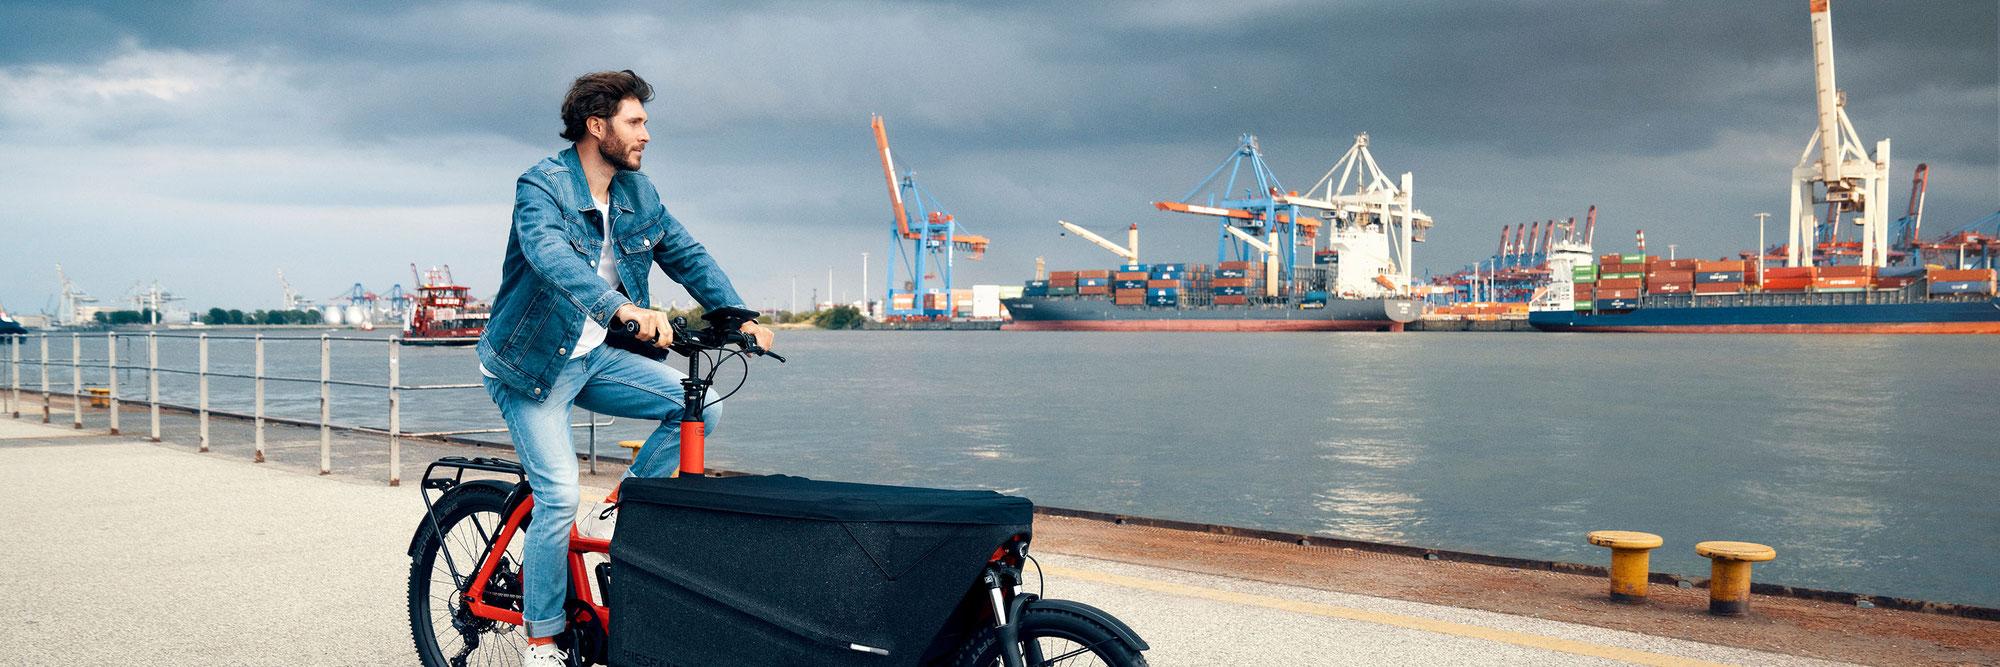 Nachhaltige Mobilität im städtischen Verkehr